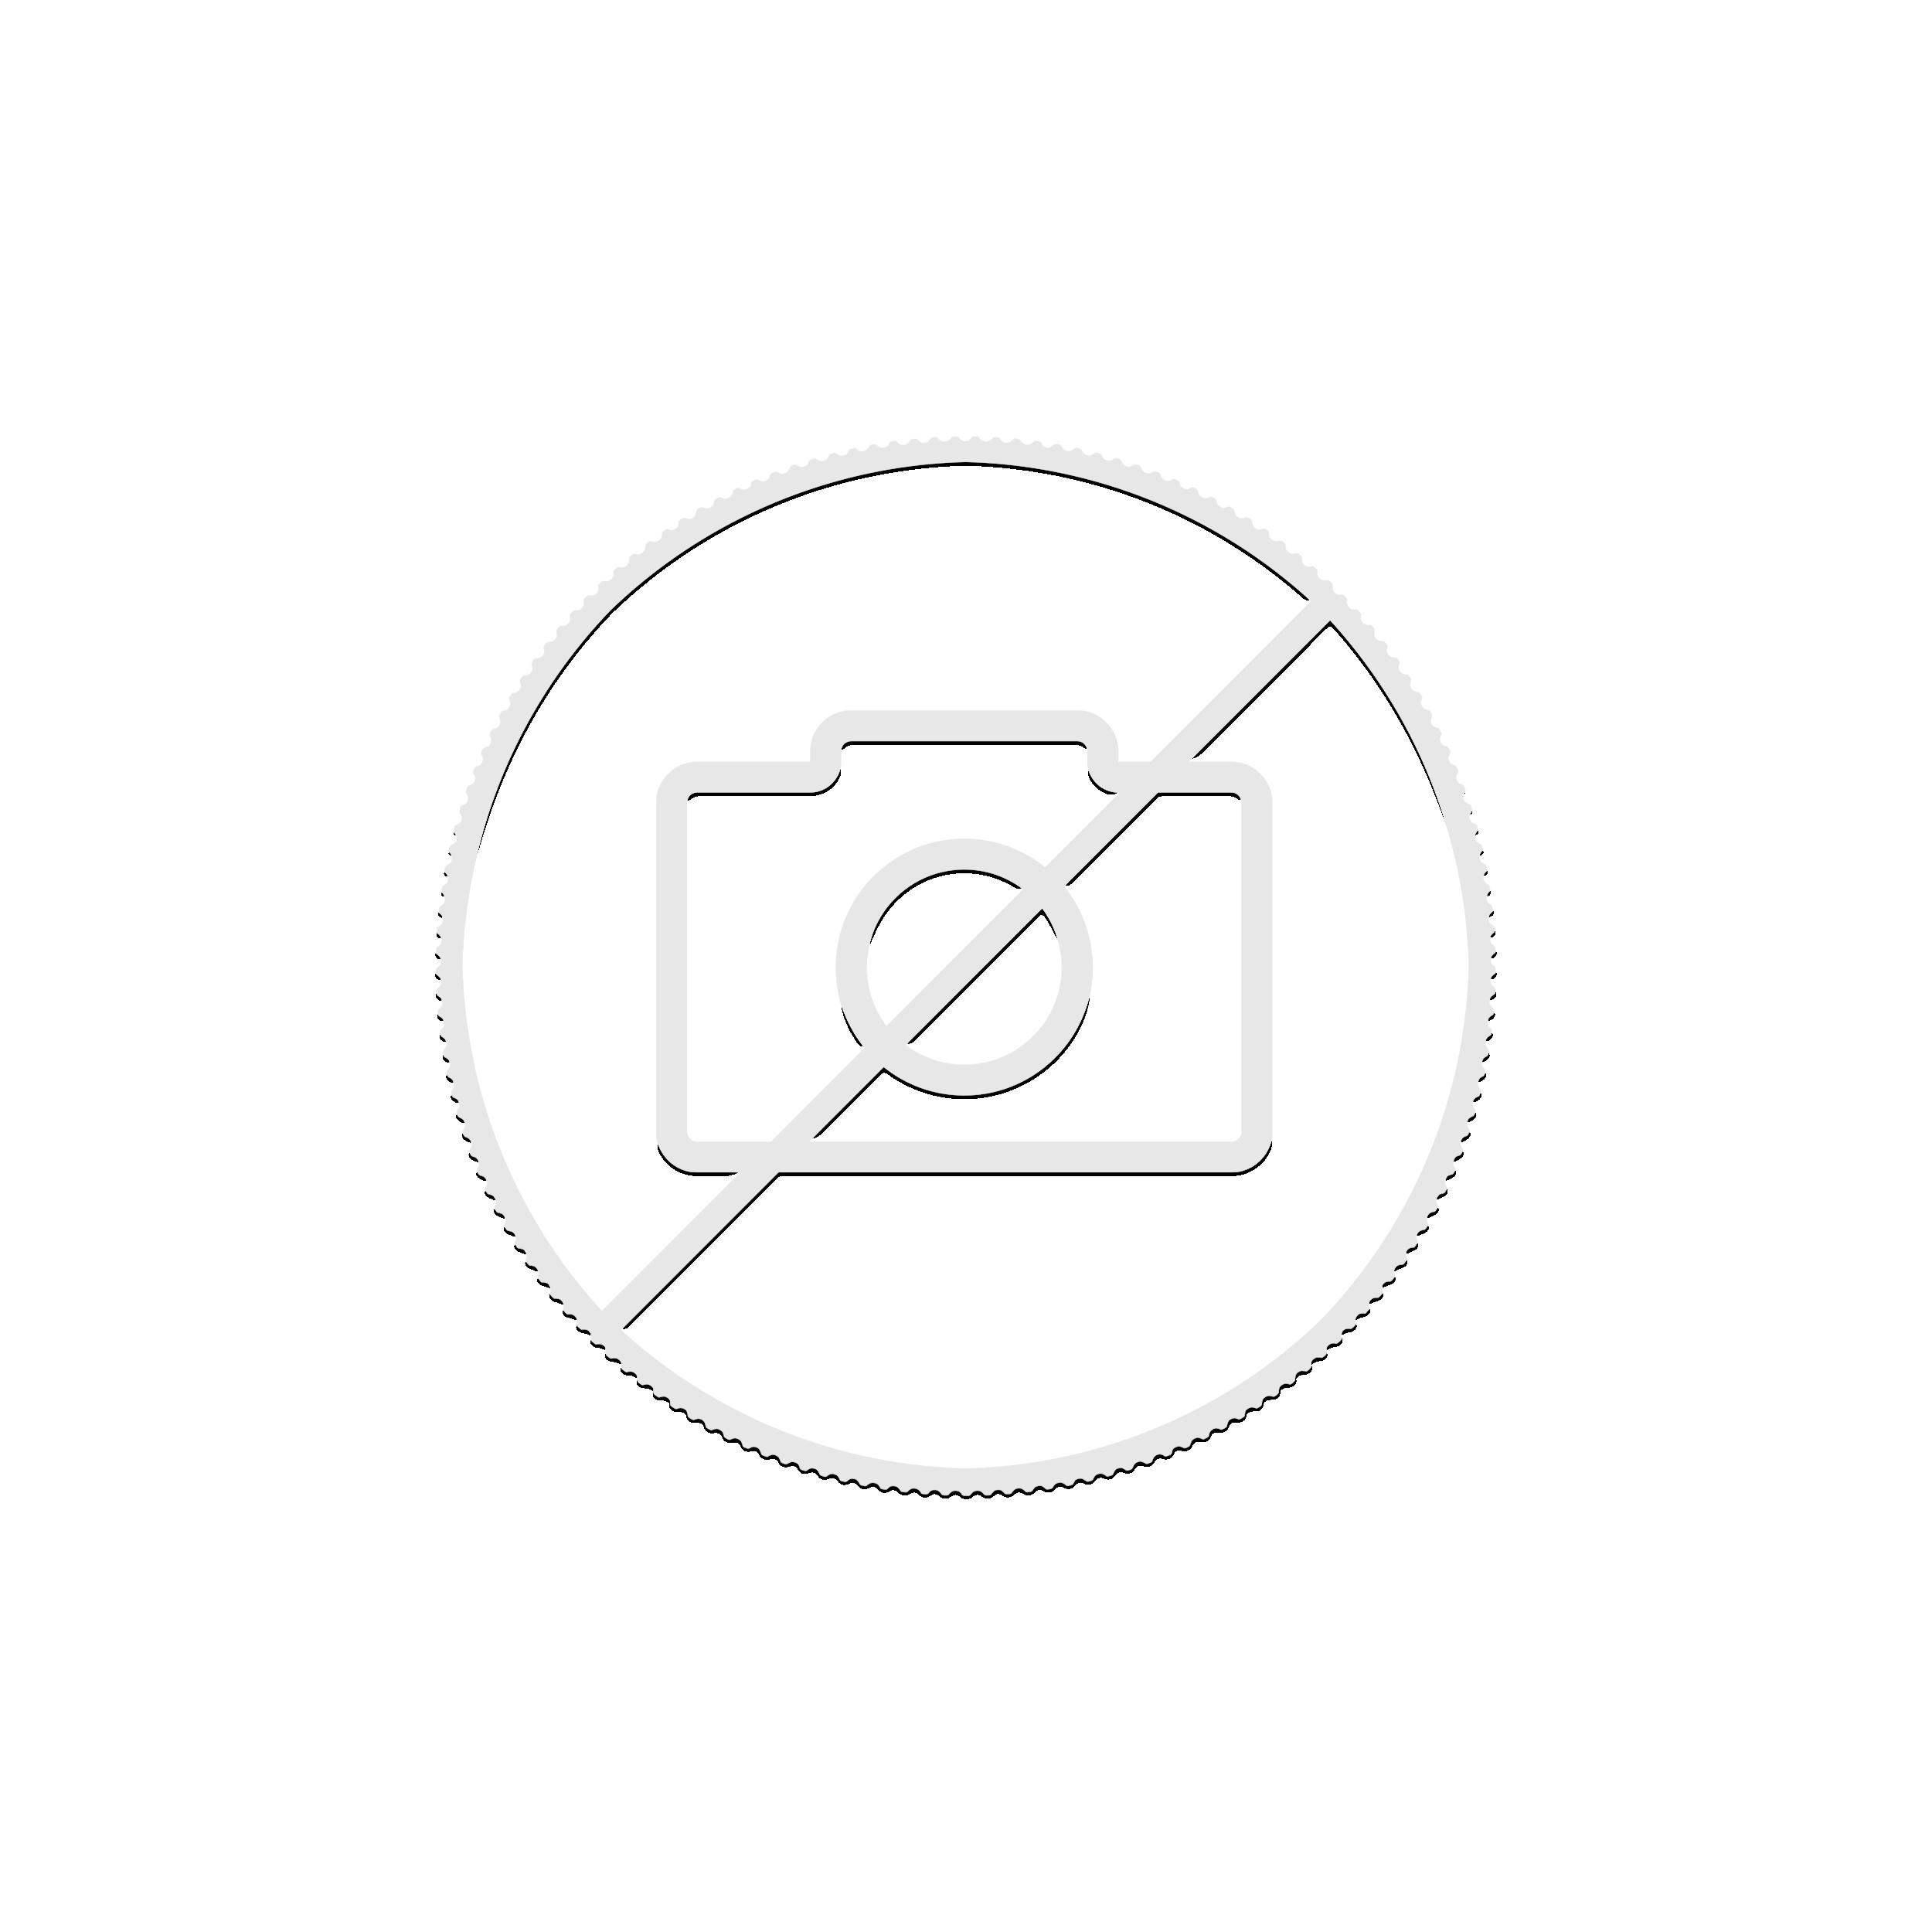 1 Troy ounce silver coin Boy Basket Fruit Caravaggio